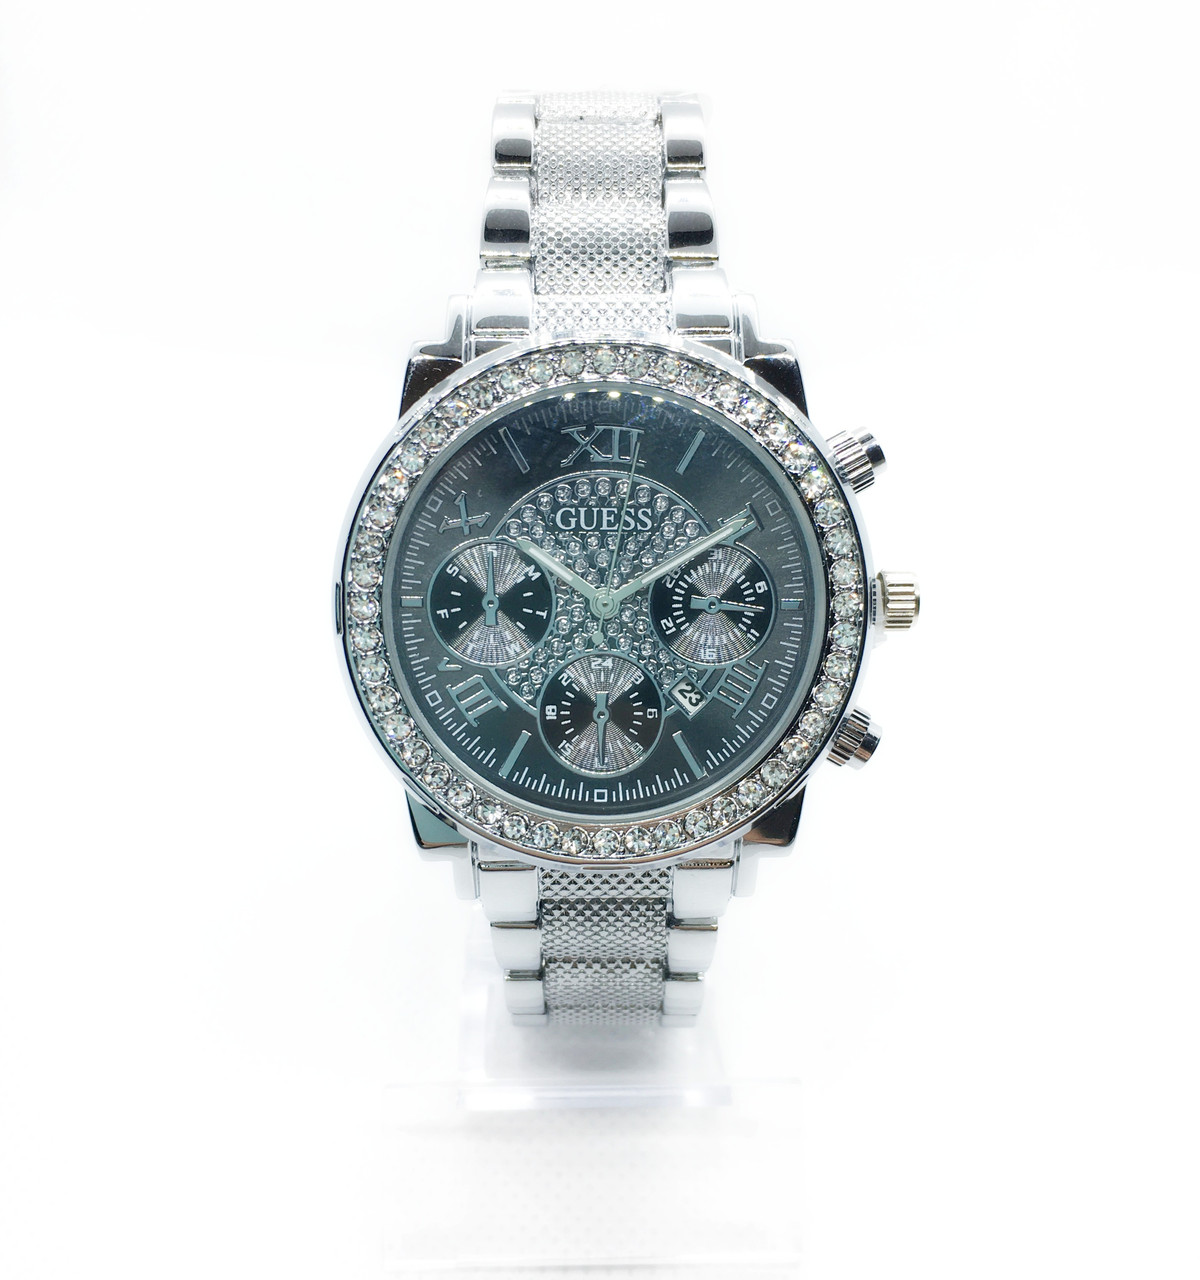 Жіночі наручні годинники Guess (Гесс), срібло з чорним циферблатом ( код: IBW255SB )